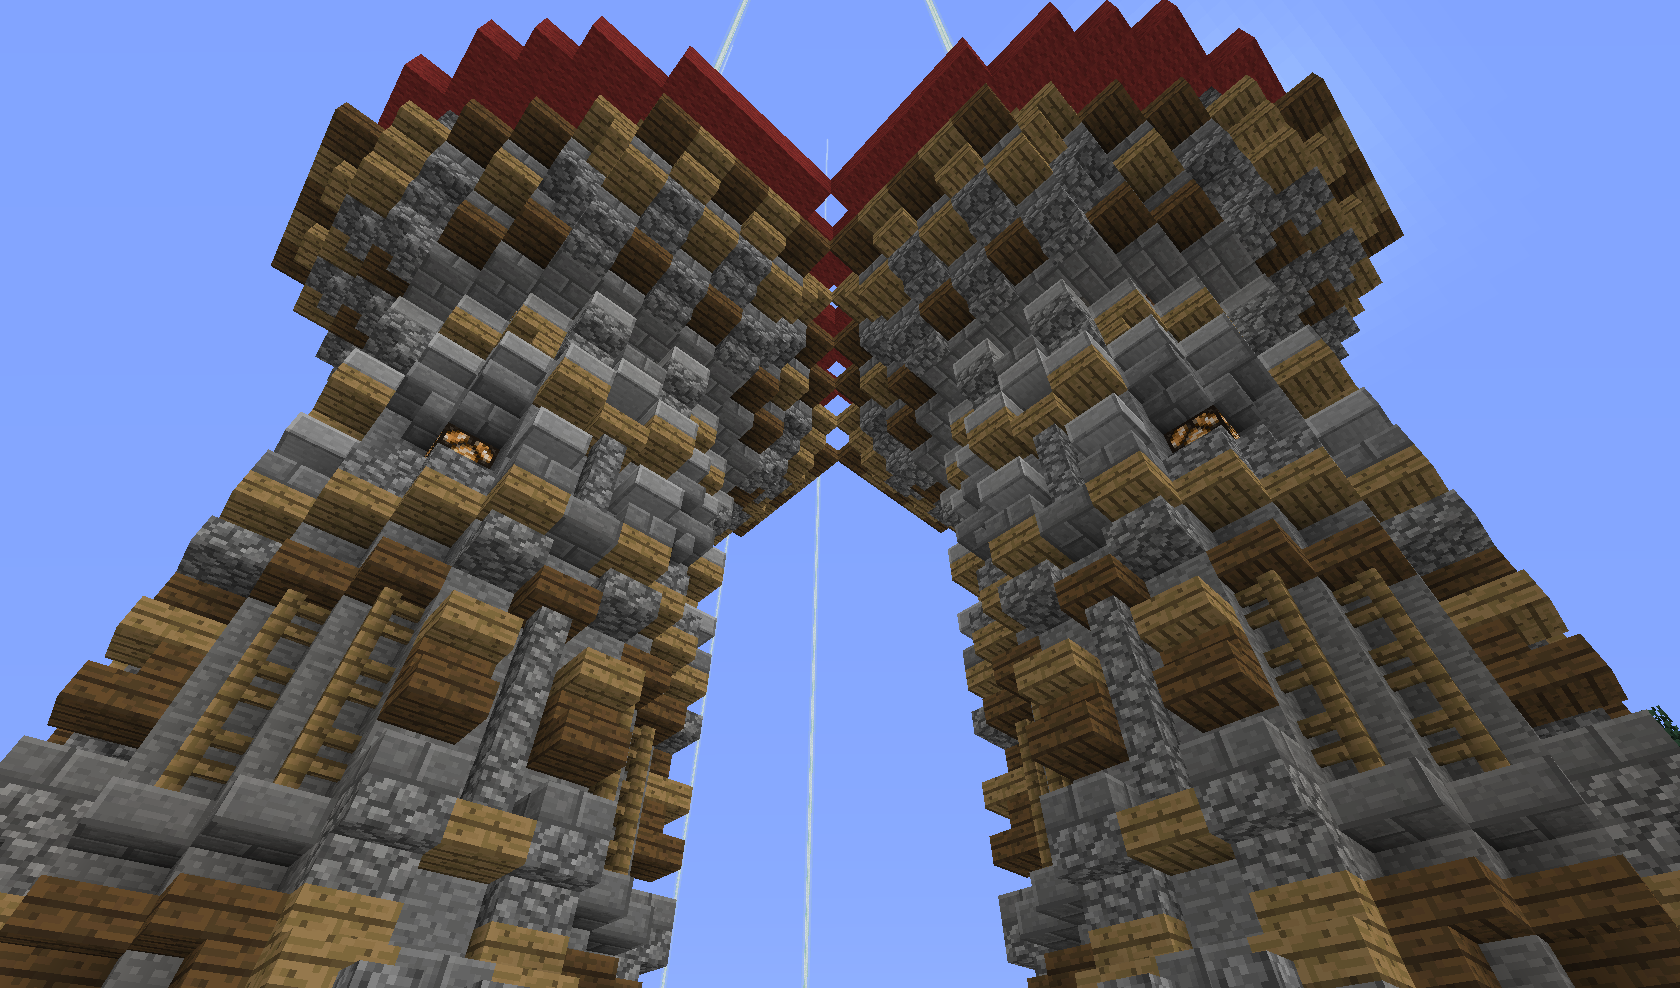 dwie wieże tworzą